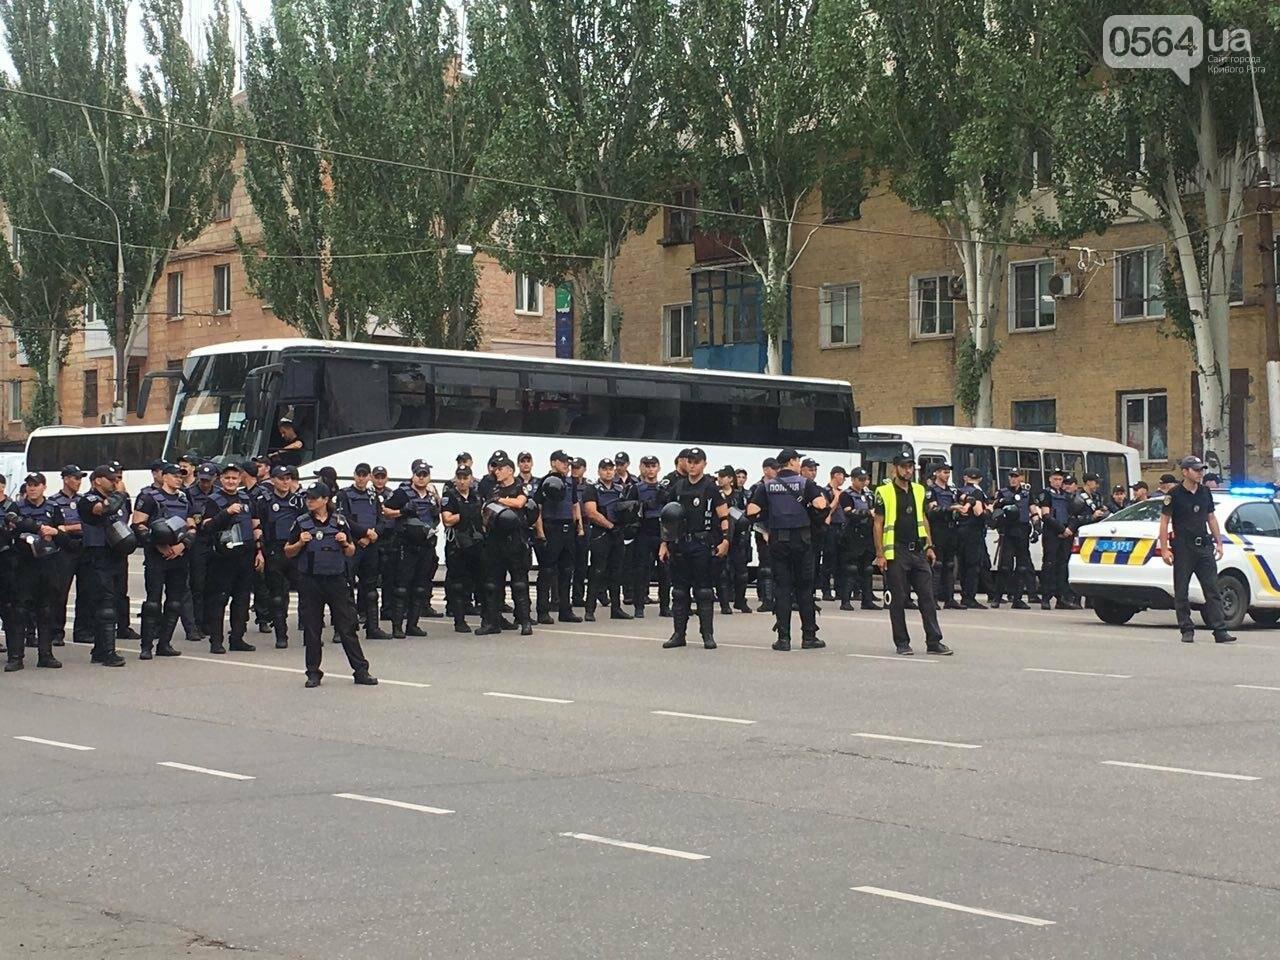 Такого Кривой Рог еще не видел: Сотни полицейских охраняли мирное шествие нескольких десятков людей, - ФОТО, фото-9